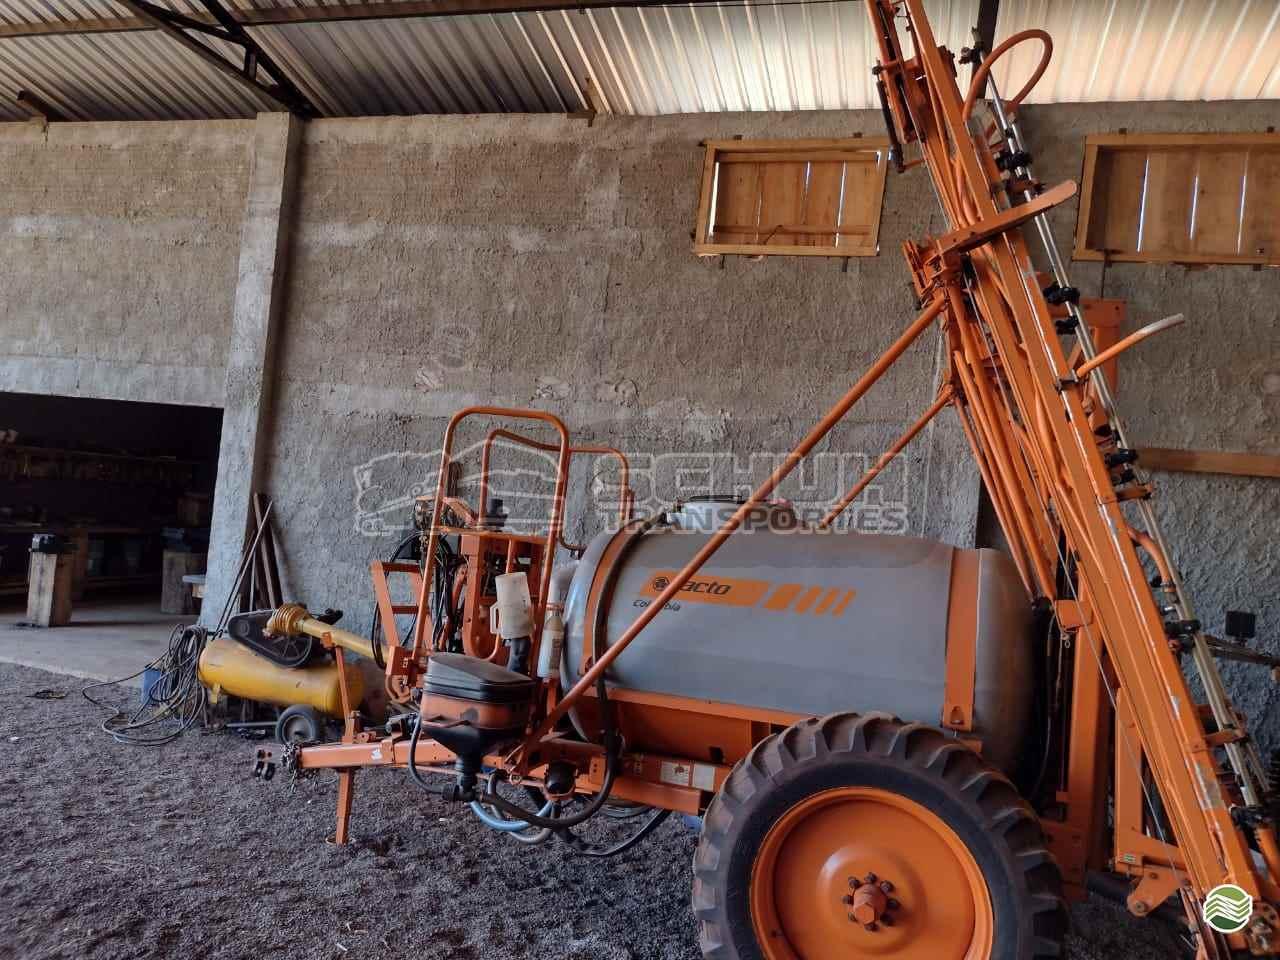 PULVERIZADOR JACTO COLUMBIA AD18 Arrasto Schuh Transportes e Vendas Agrícolas MARECHAL CANDIDO RONDON PARANÁ PR